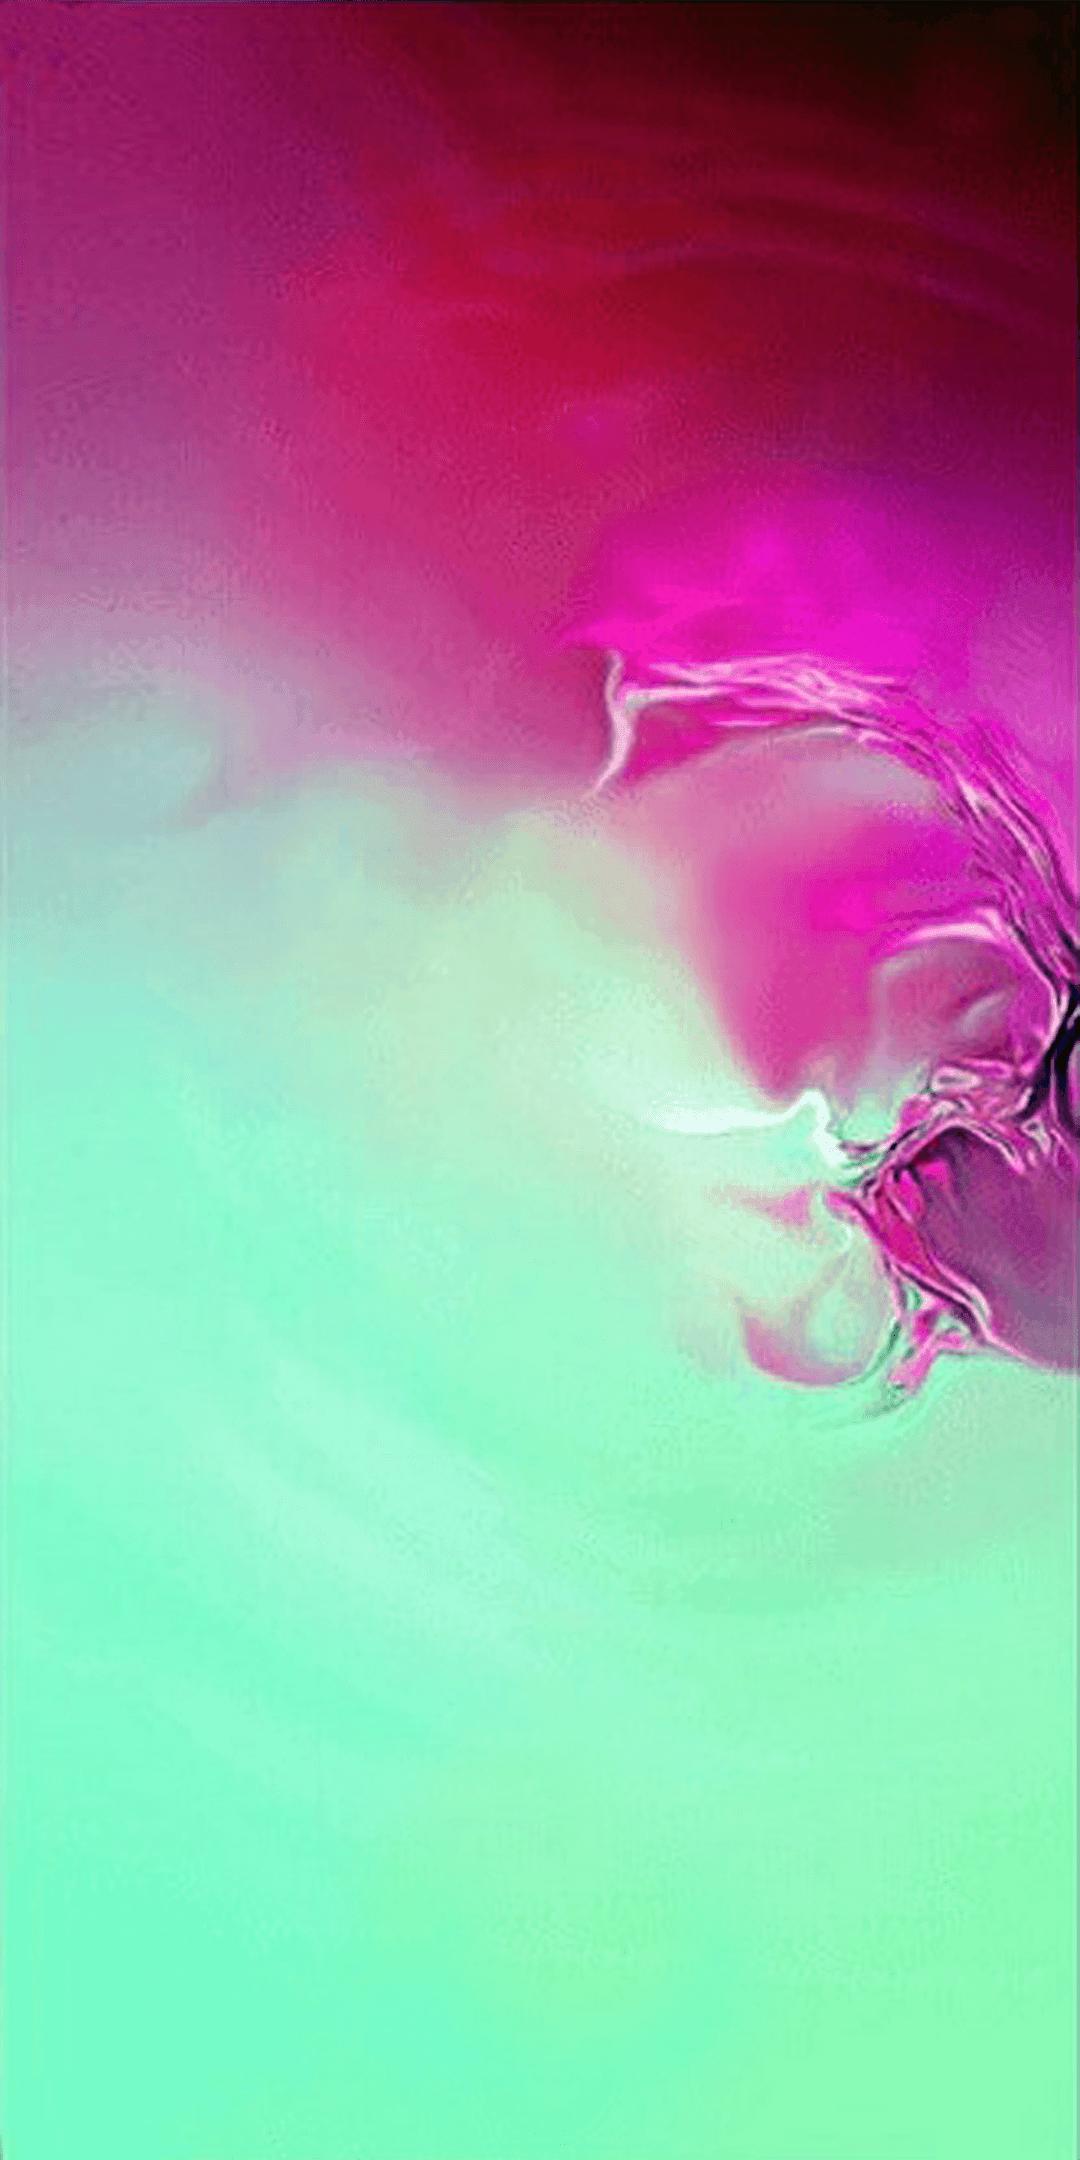 Samsung Galaxy S10 Wallpapers: Download aller Hintergrundbilder 4